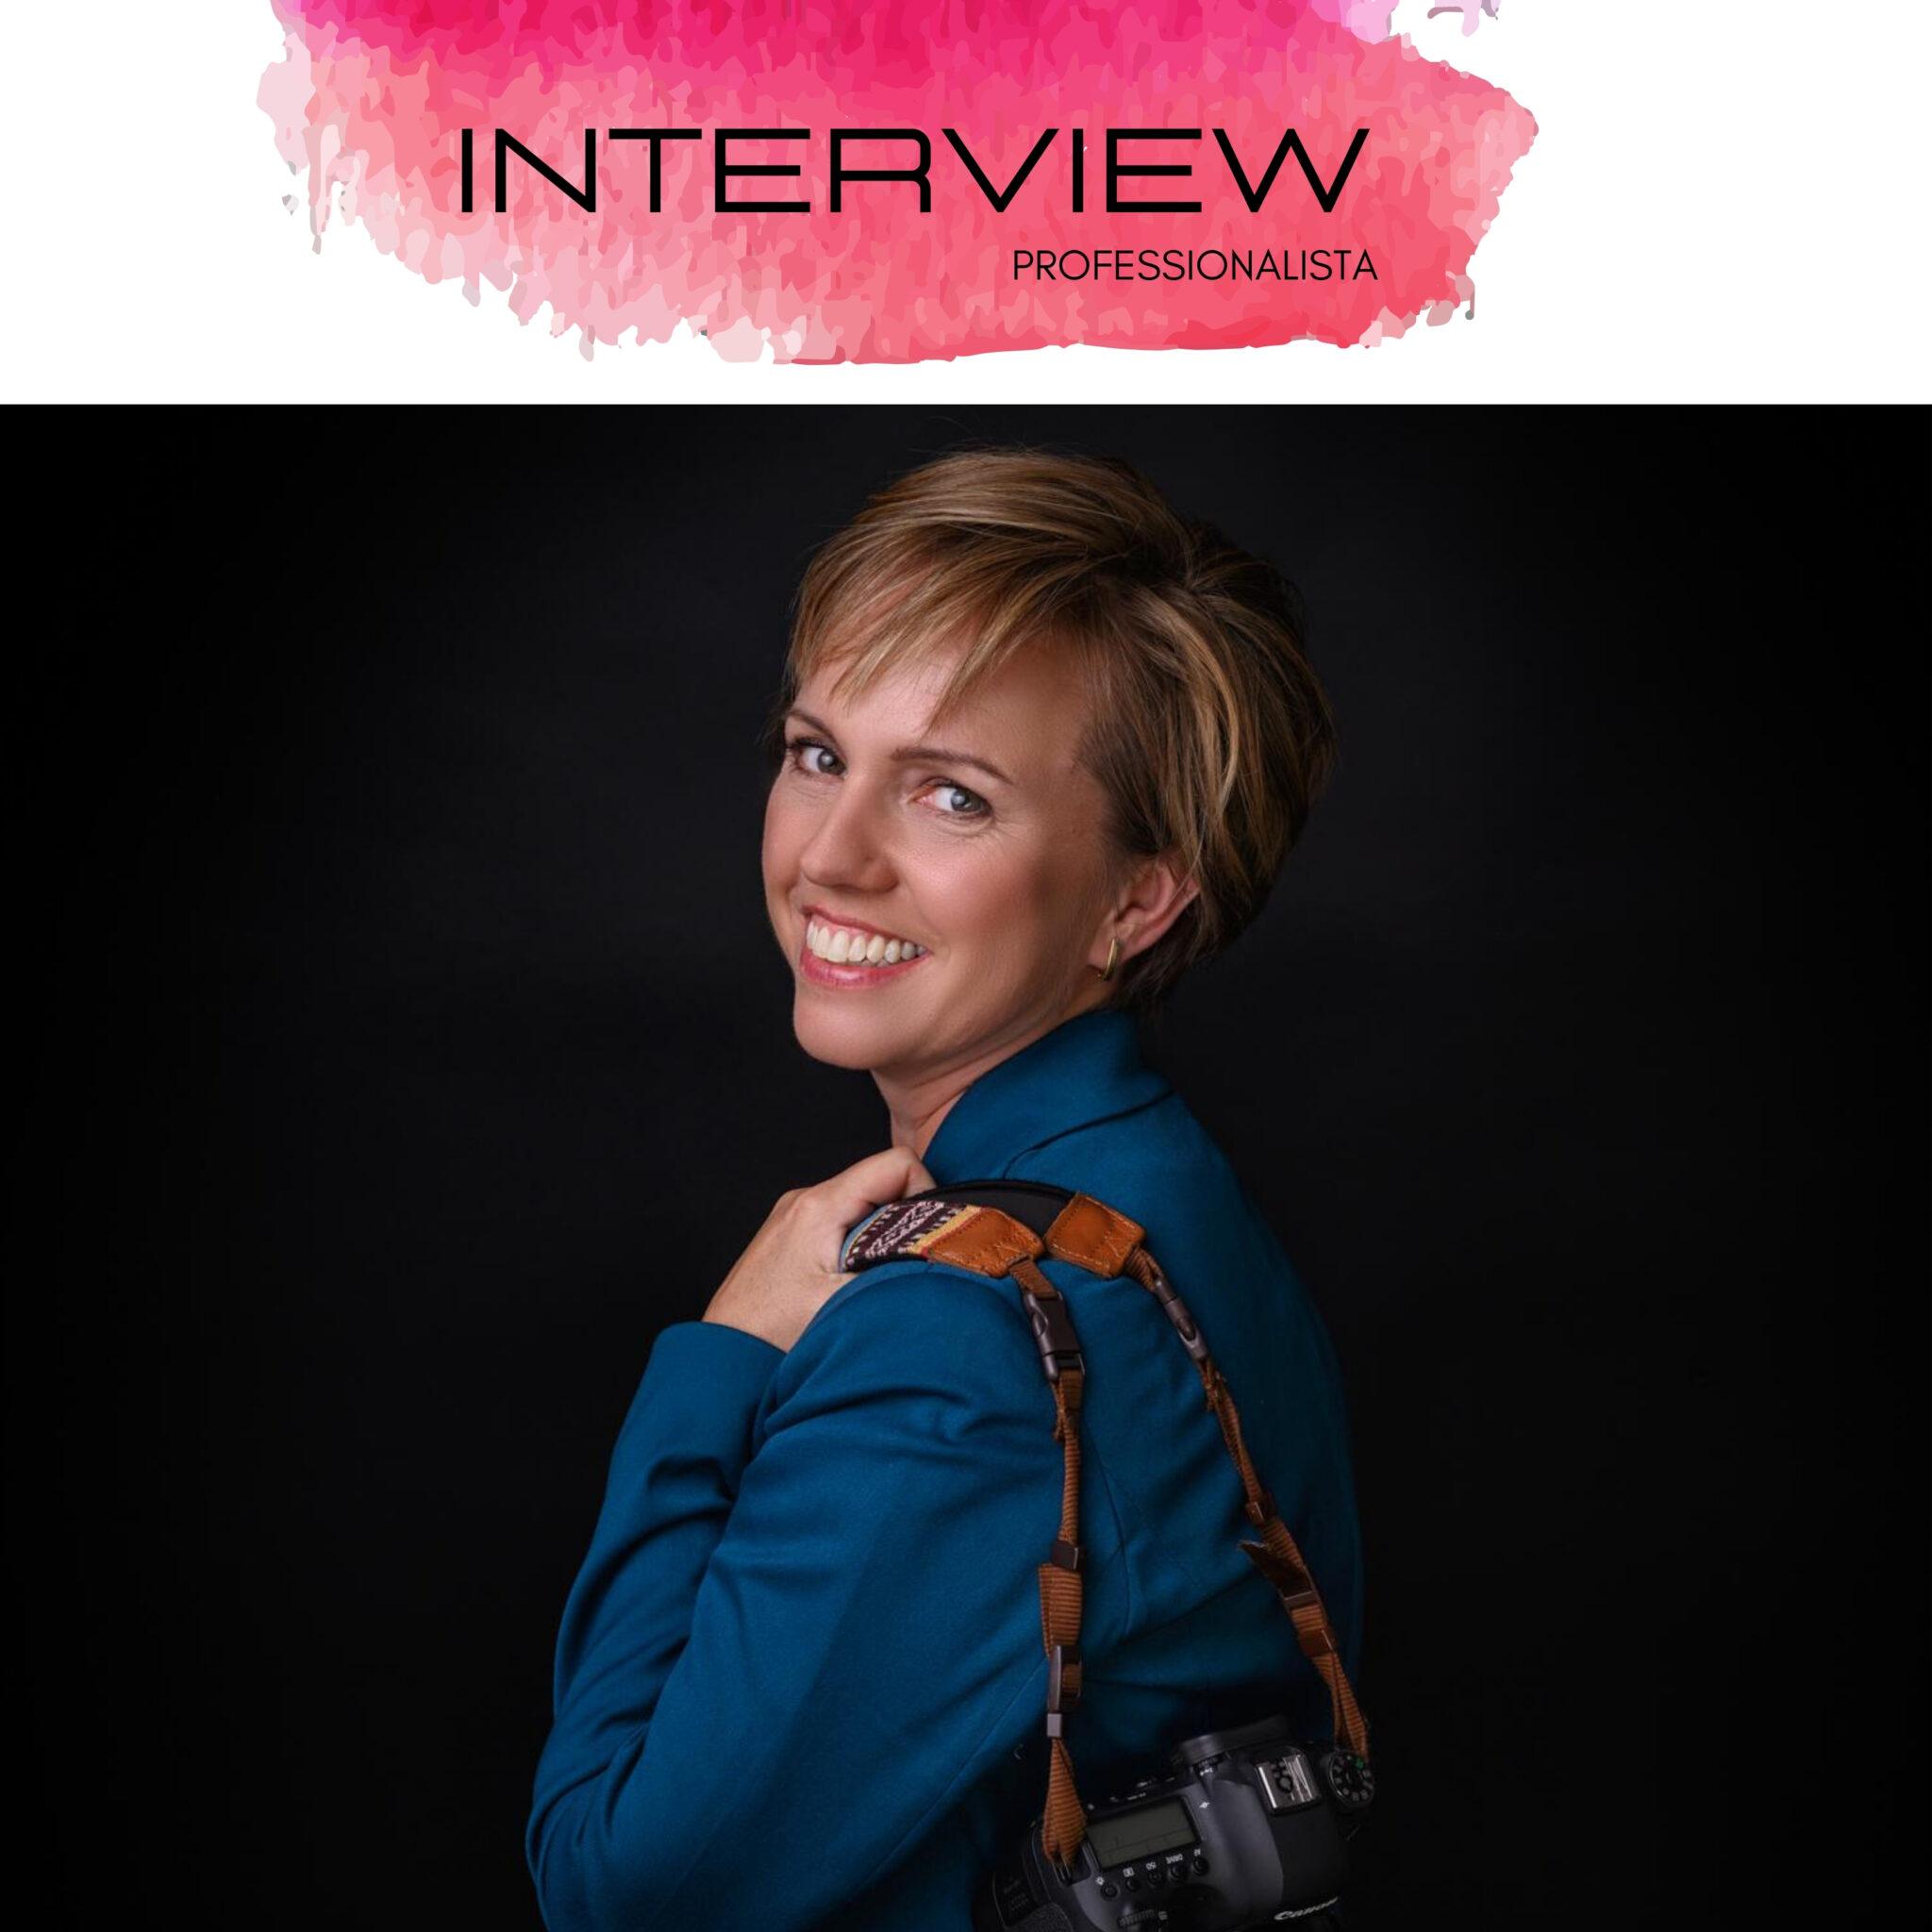 Interview Professionalista Dana Schoenmaker